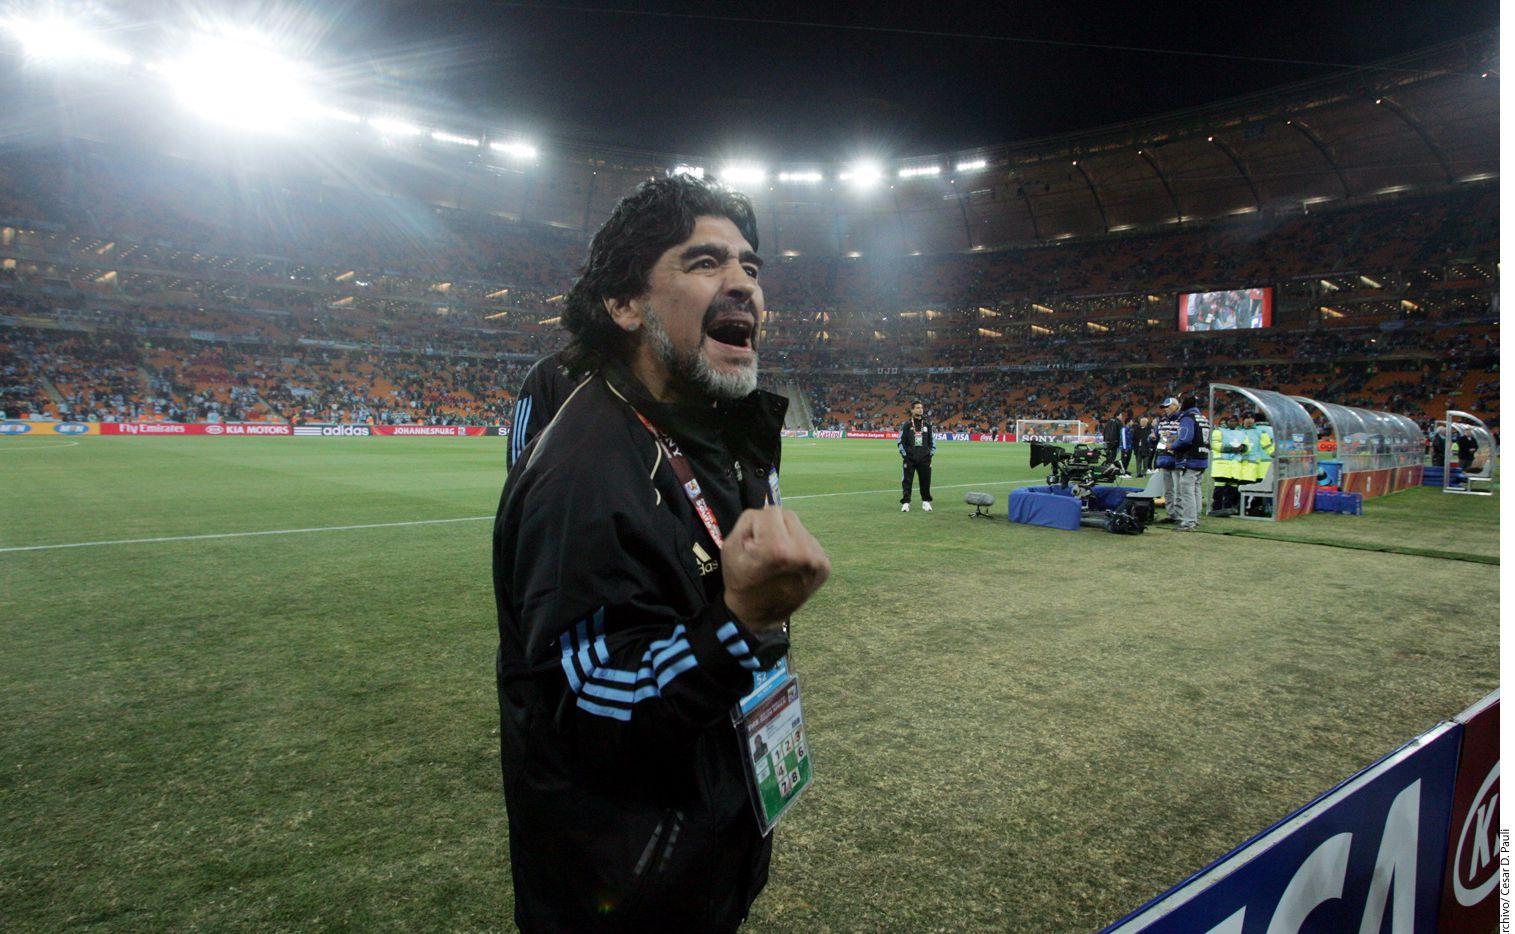 Diego Armando Maradona (foto) también criticó al entrenador Julen Lopetegui, quien fue cesado como seleccionador de España a unos días del Mundial porque firmó con el Real Madrid./ AGENCIA REFORMA